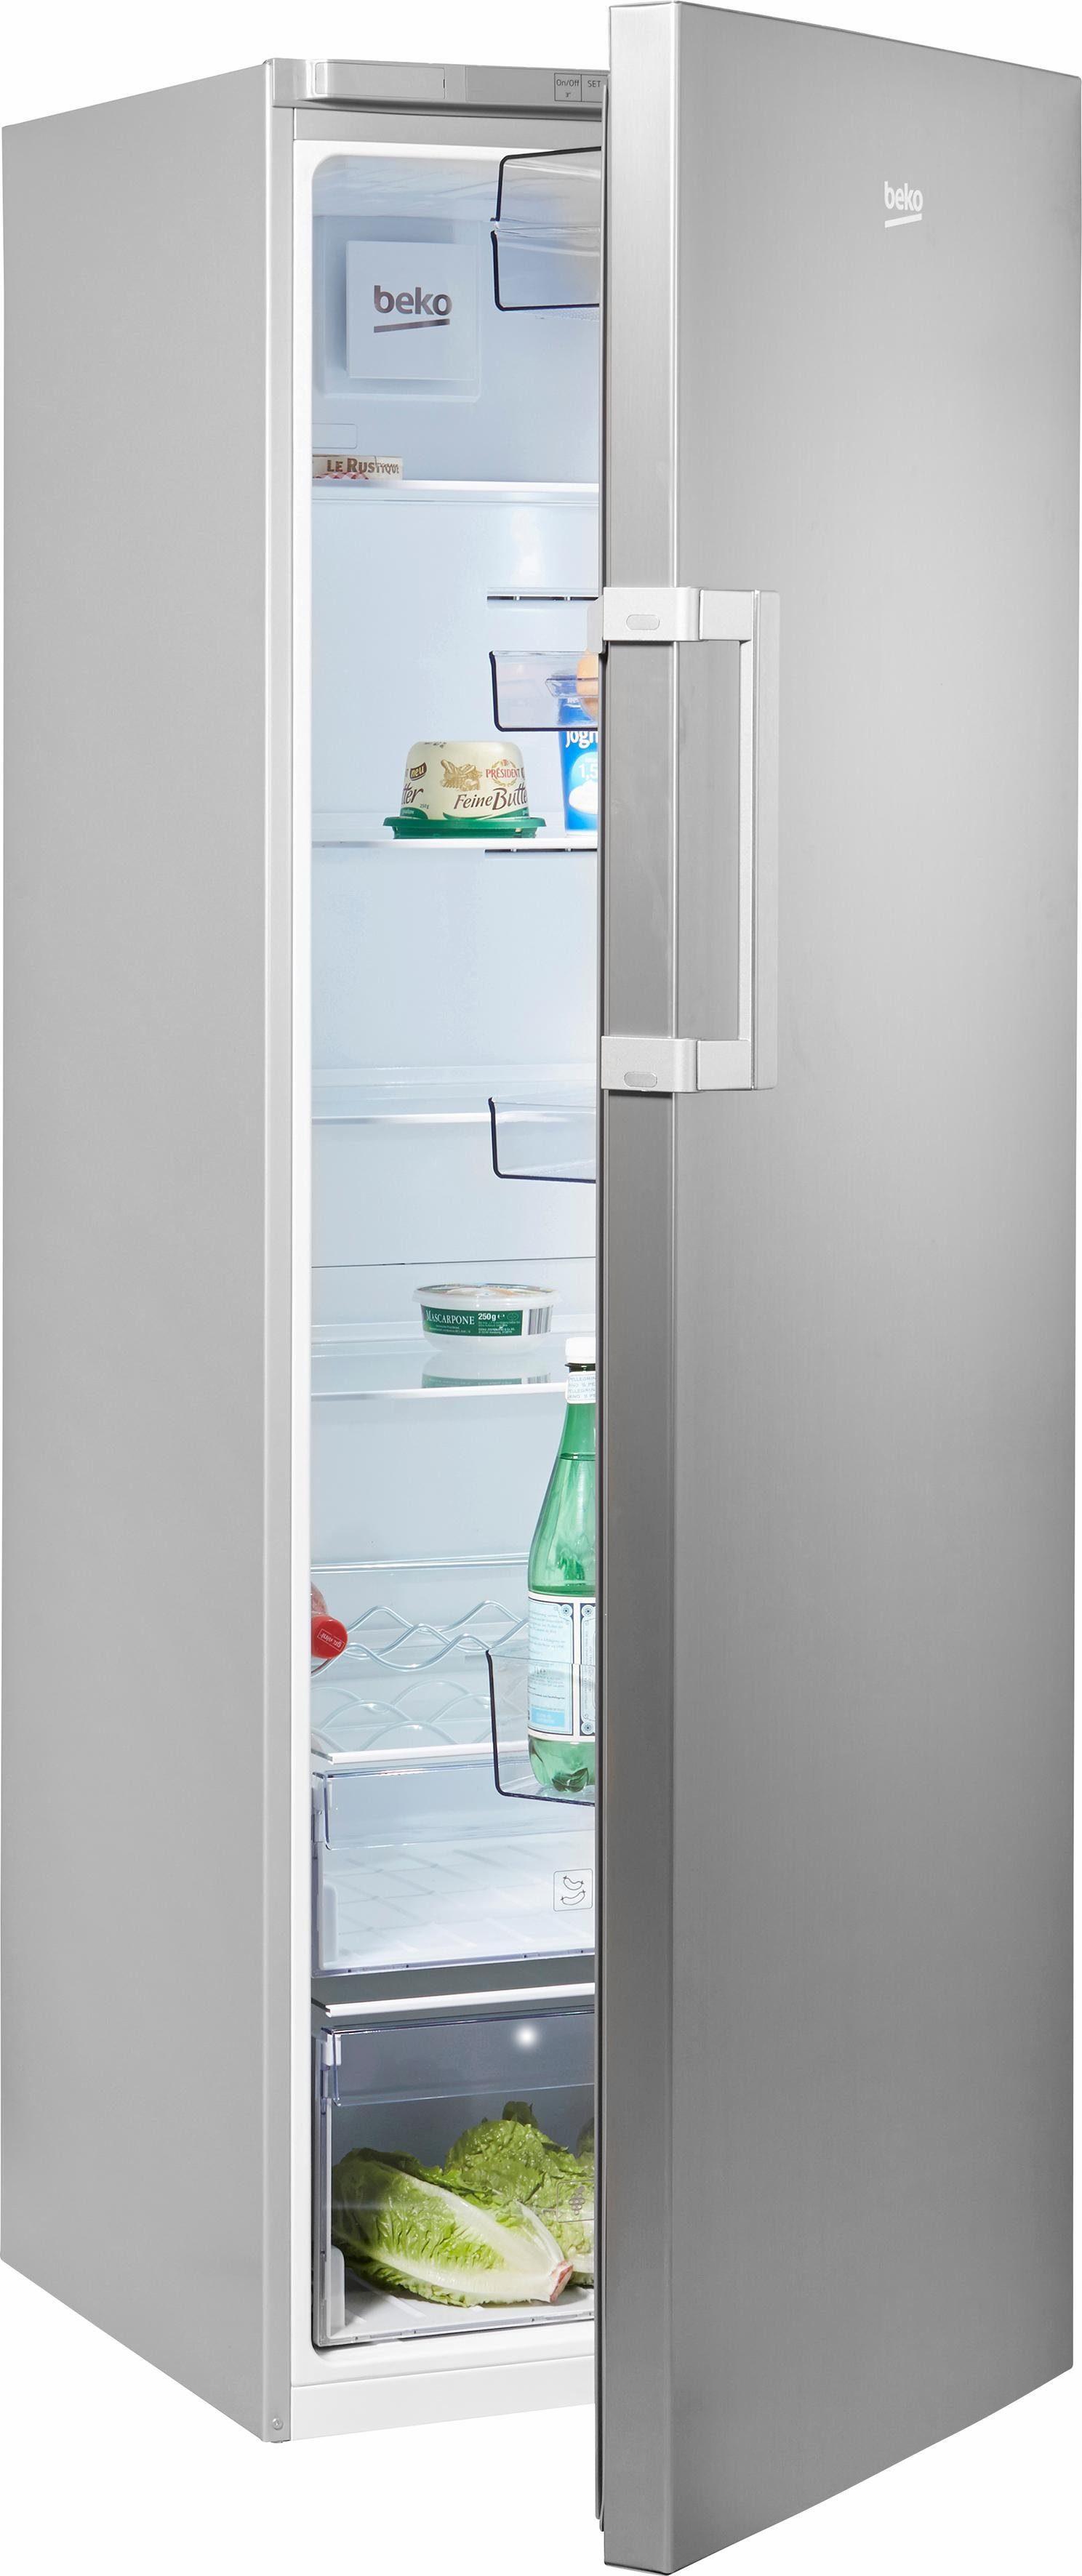 BEKO Kühlschrank RSNE415T34XP, 171,4 cm hoch, 59,5 cm breit, Großraum